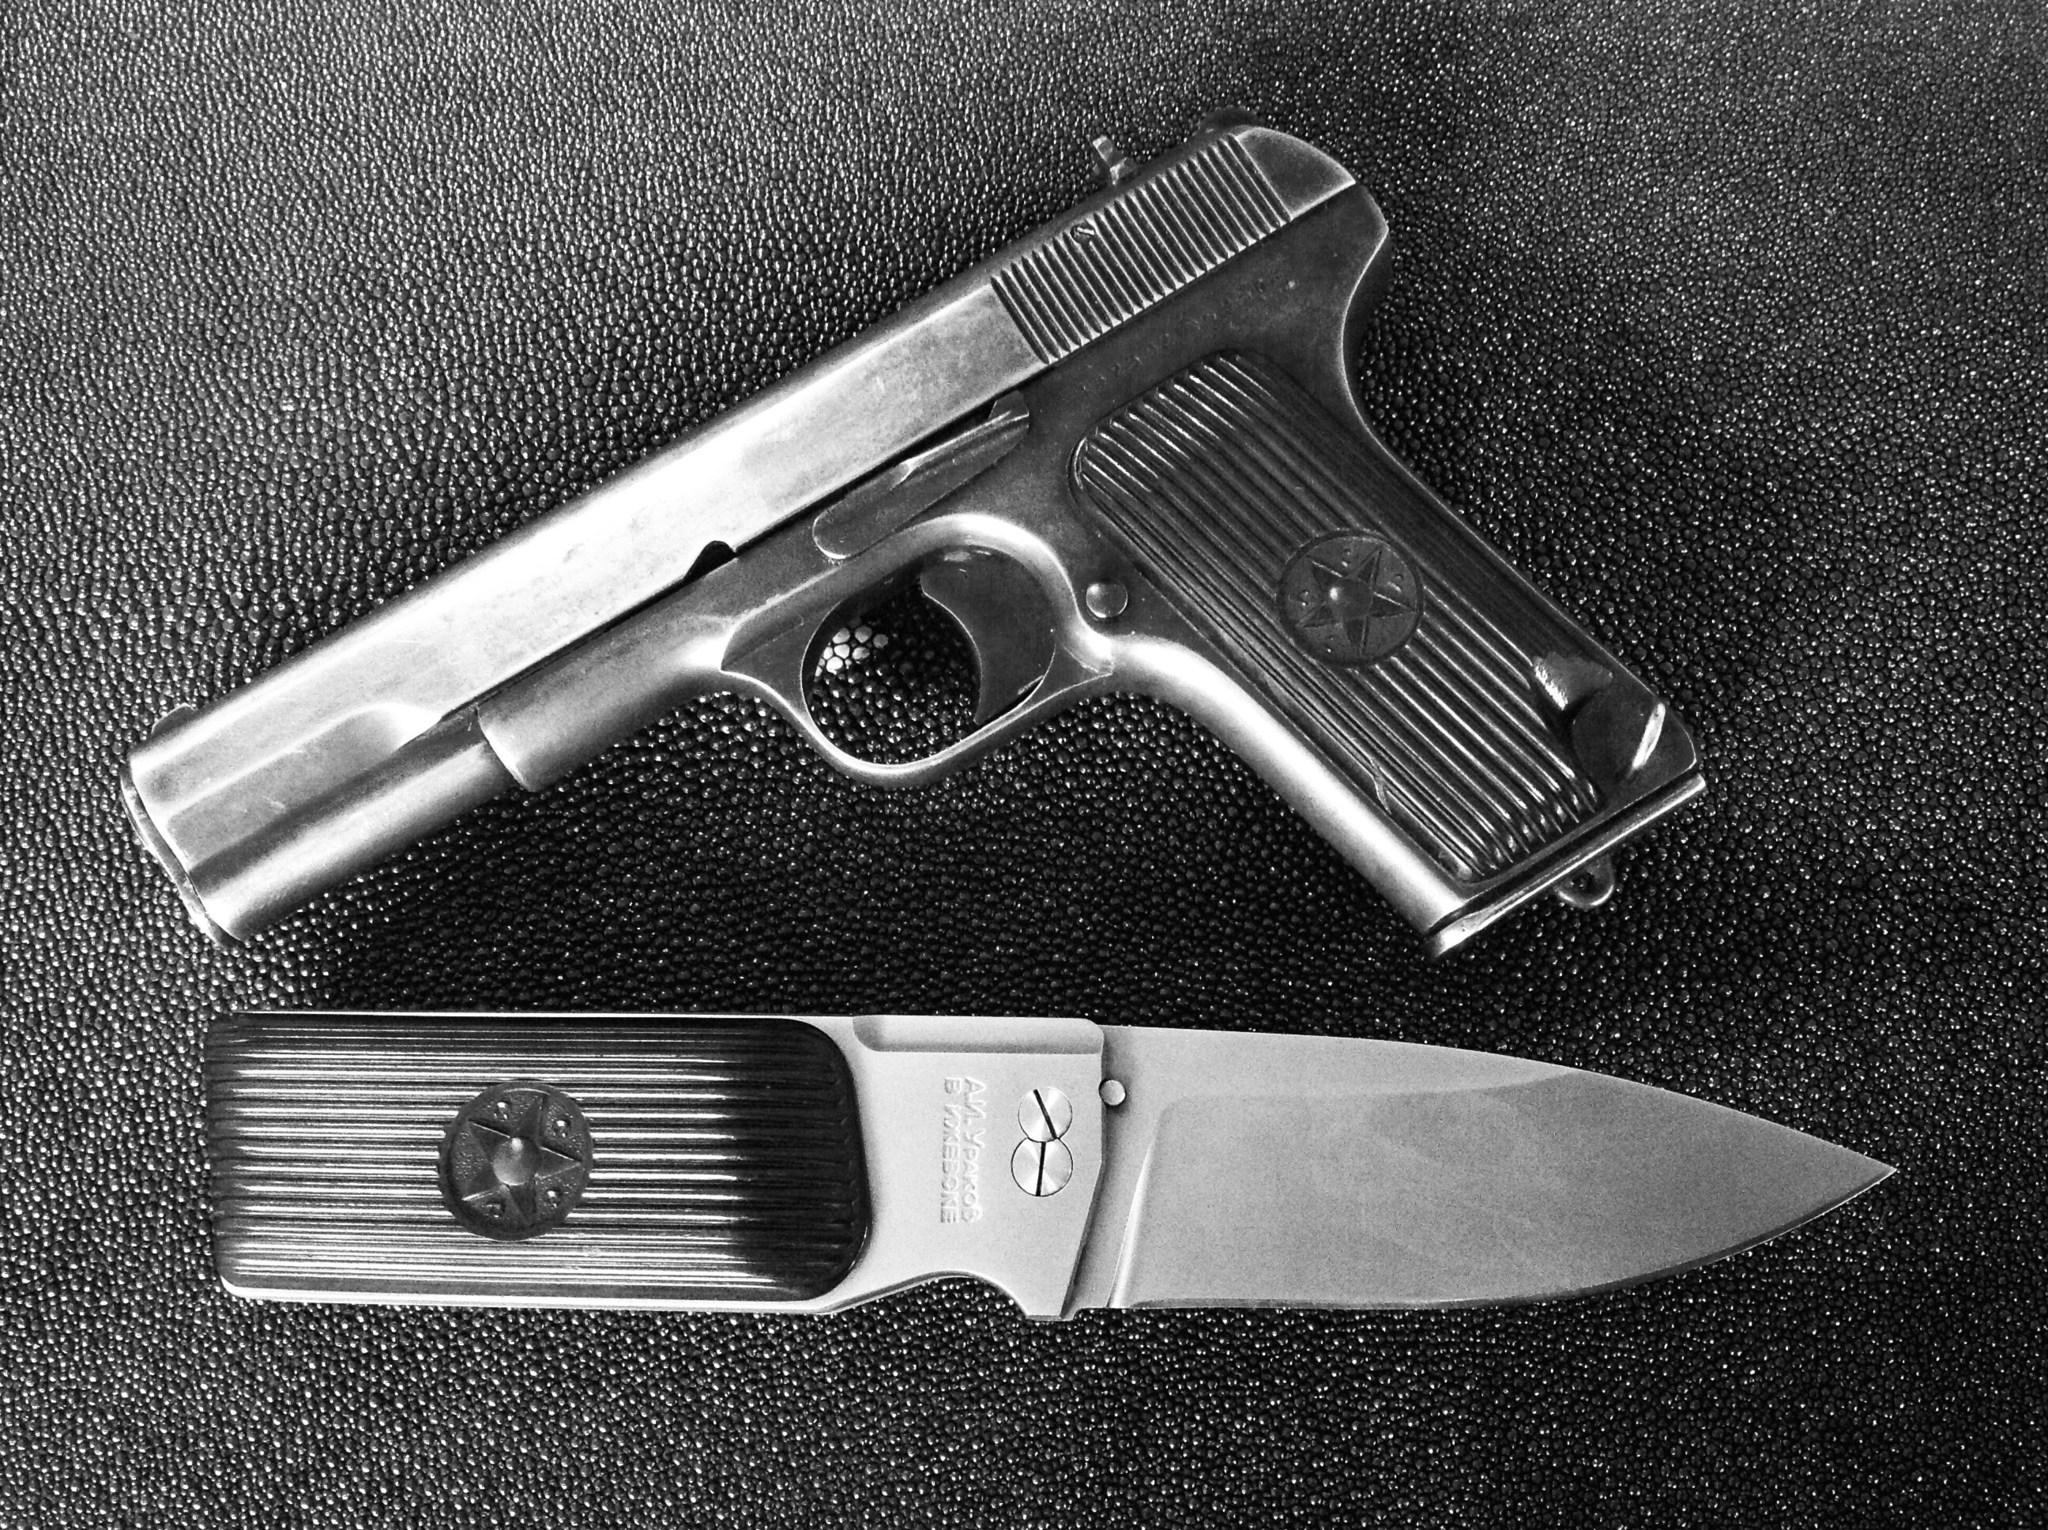 Нож Уракова А.И. Т-3 M390 - фотография